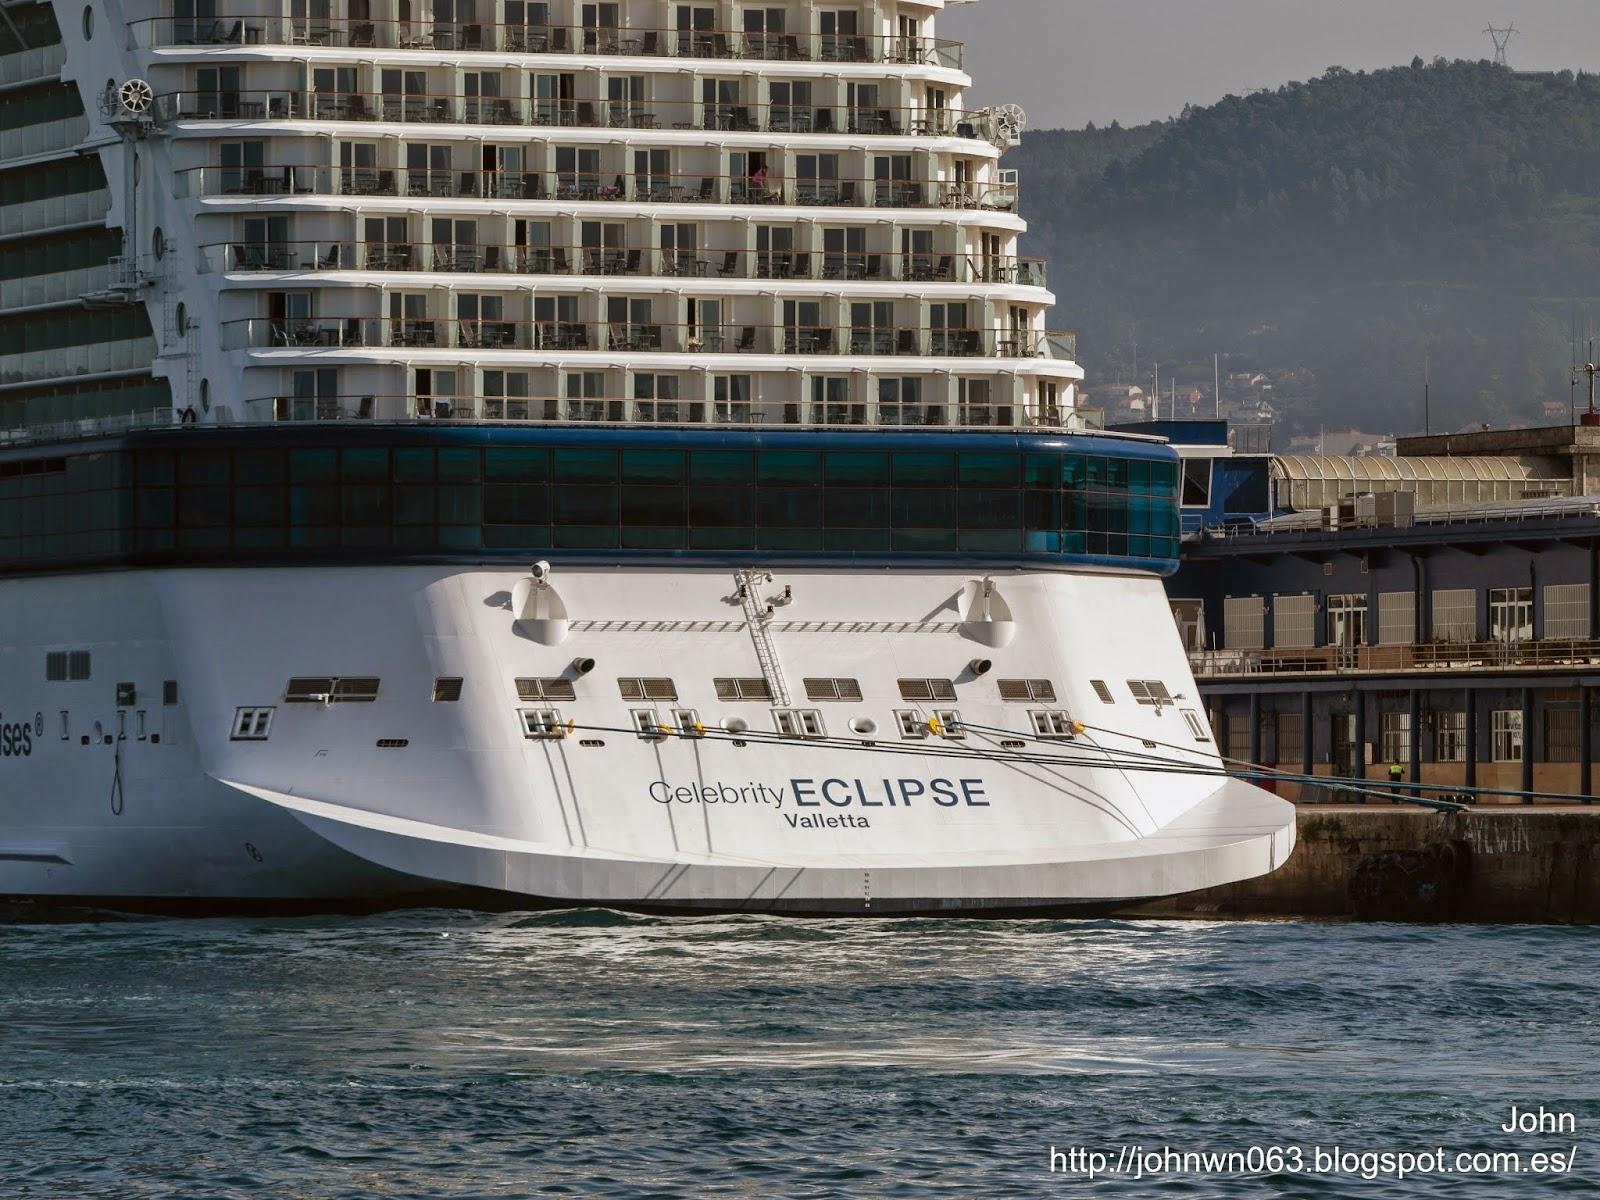 fotos de barcos, imagenes de barcos, celebrity eclipse, cruceros, vigo